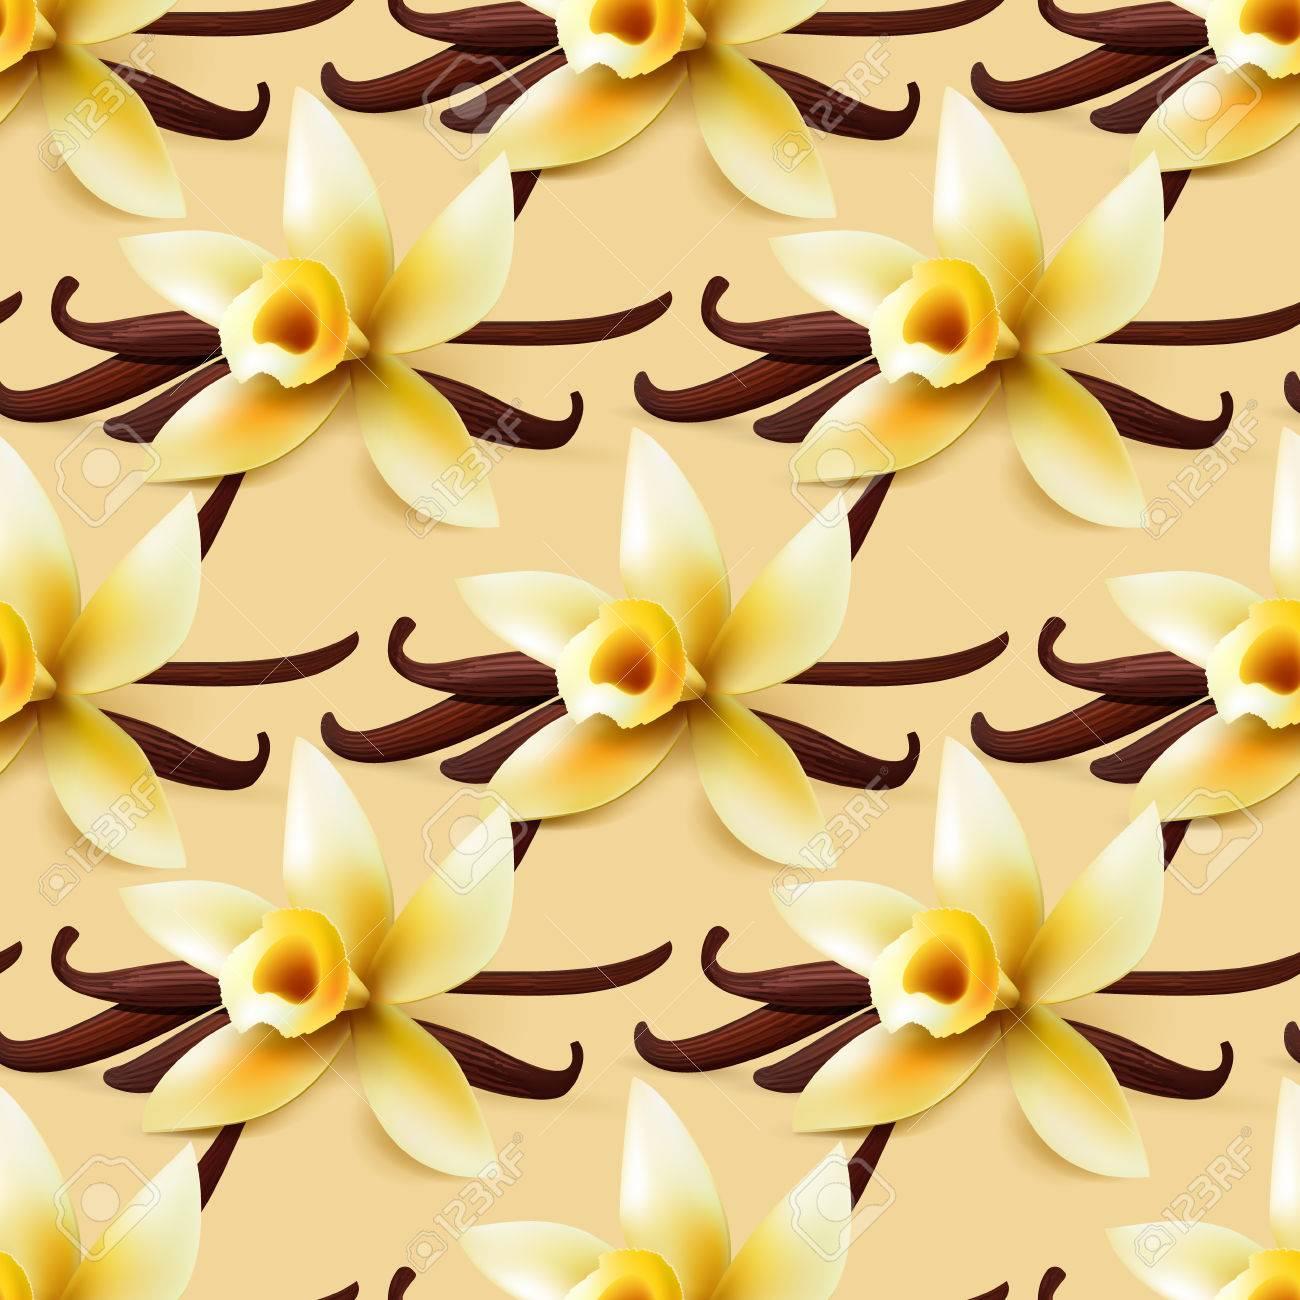 Vanilla Blume Vektor Nahtlosen Hintergrund Susse Geschenkpapier